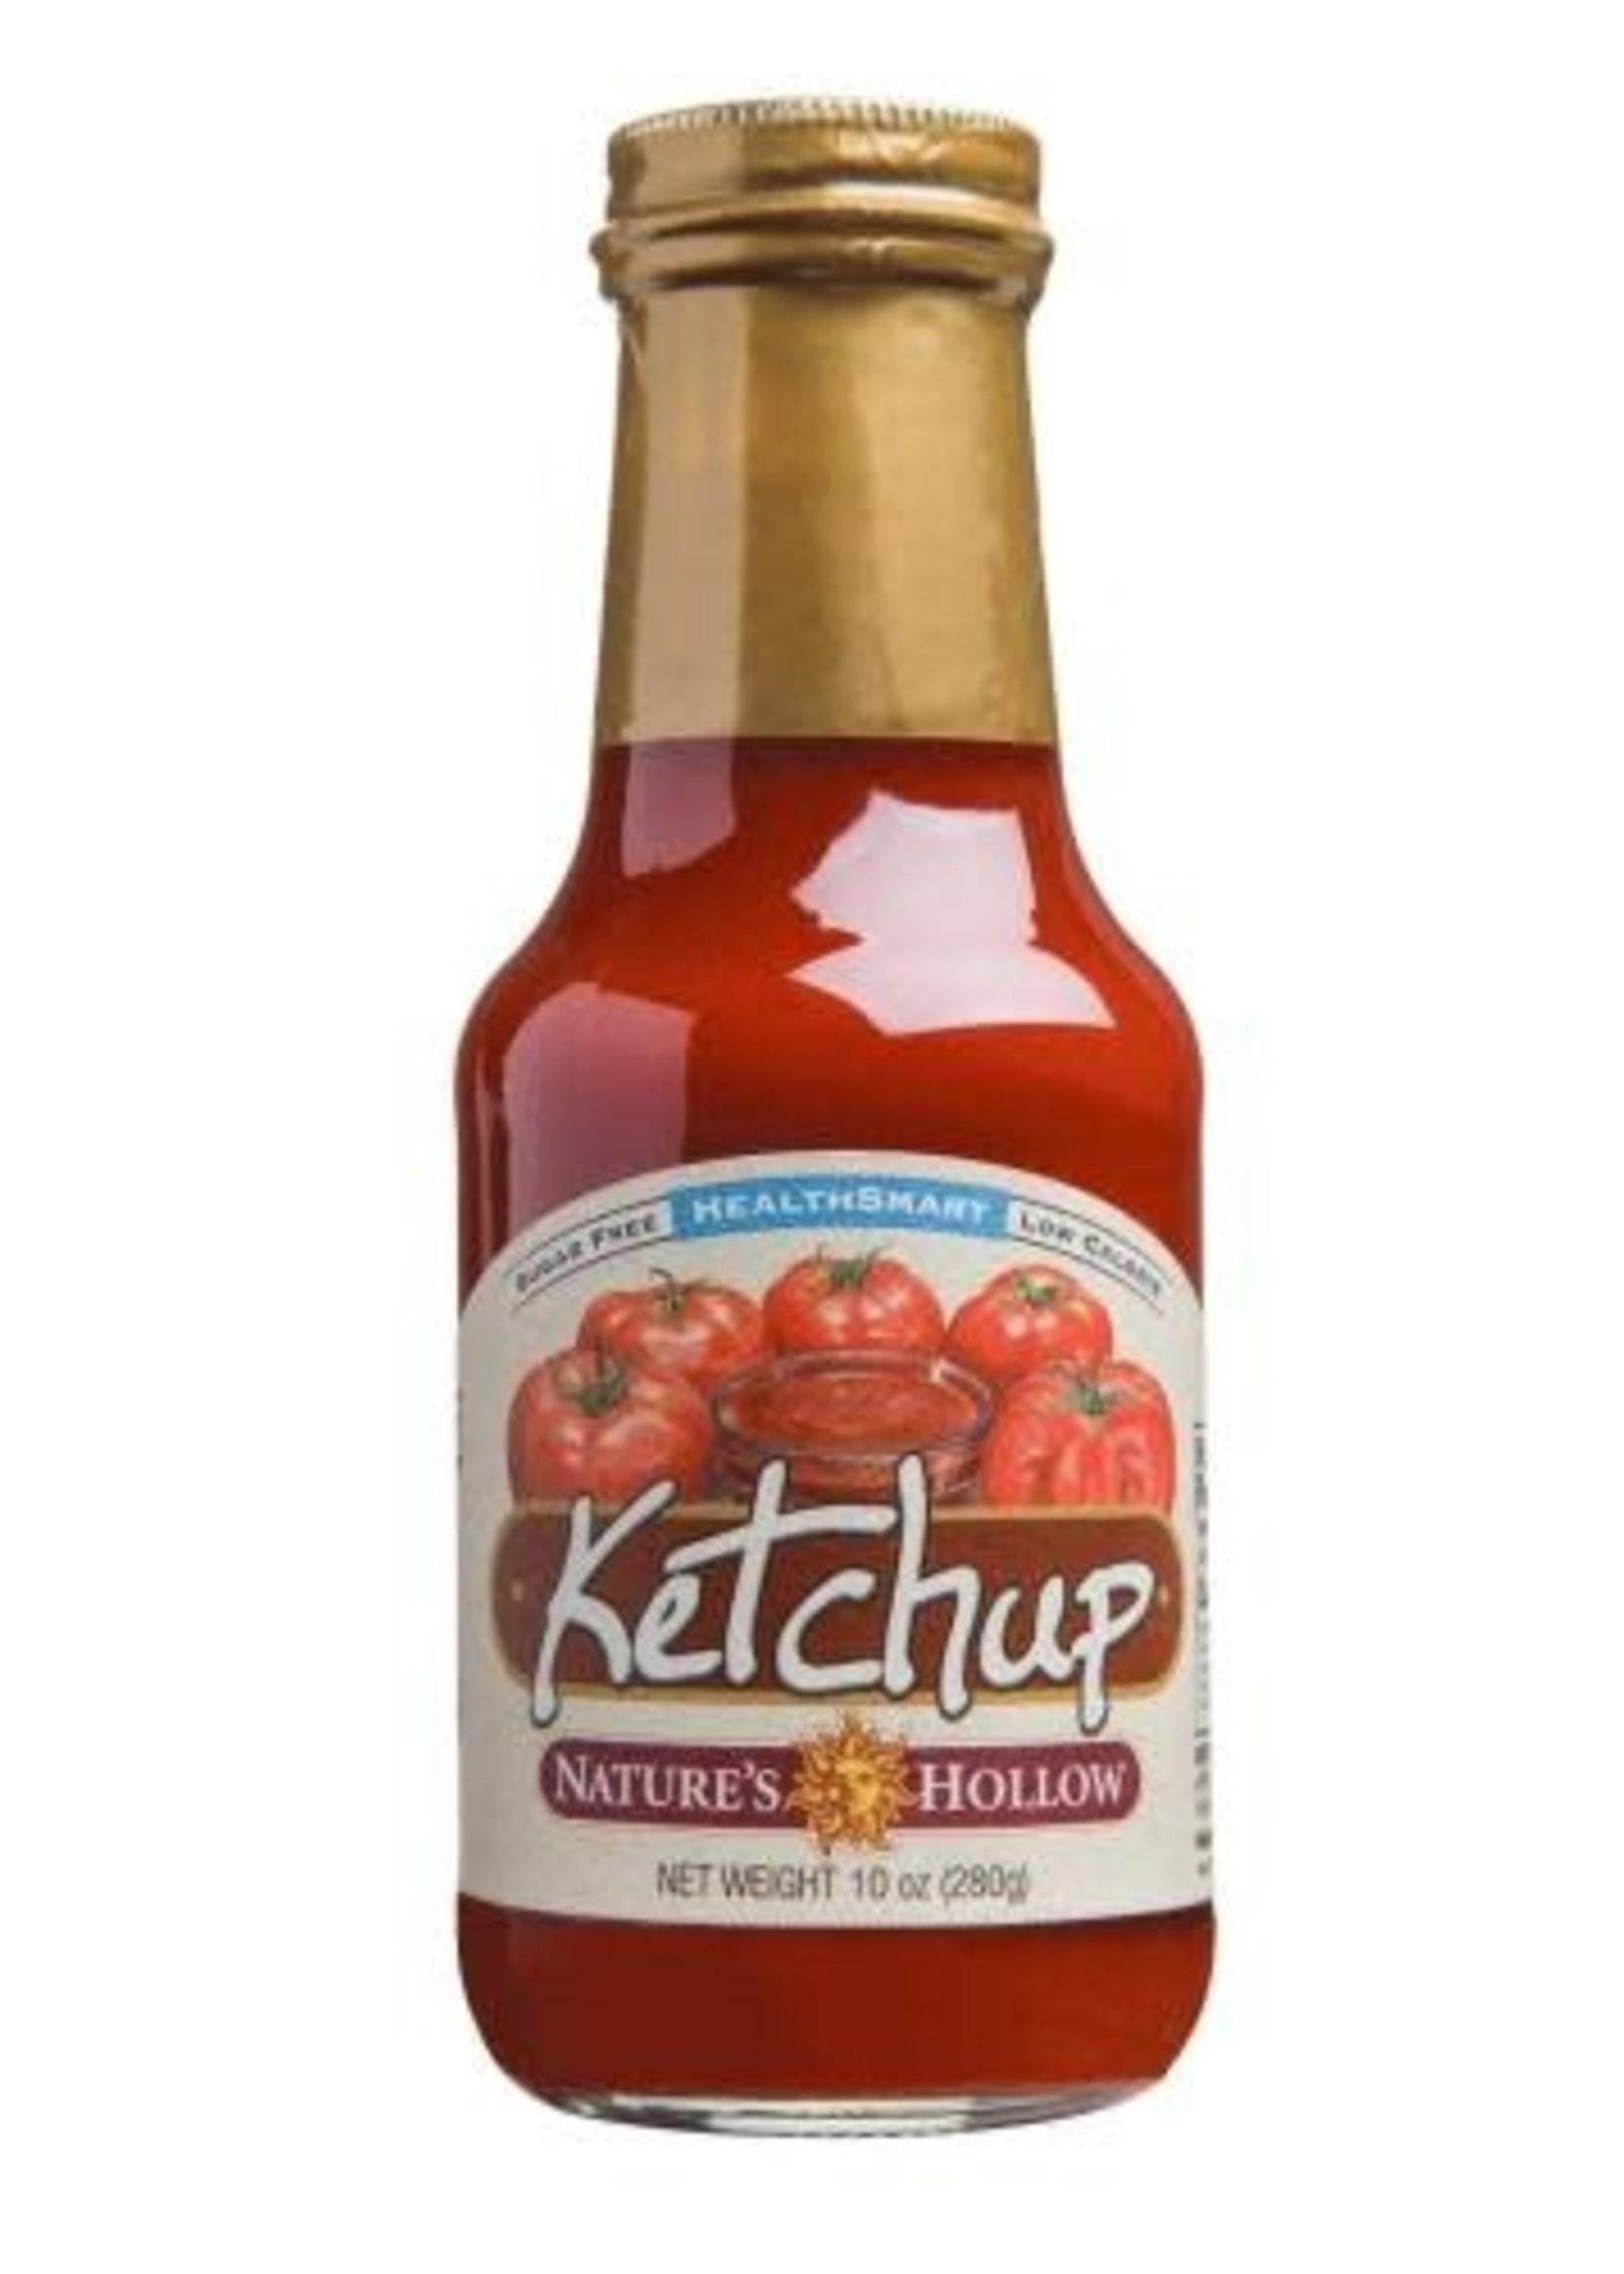 Nature's Hollow Sugar Free Ketchup NH